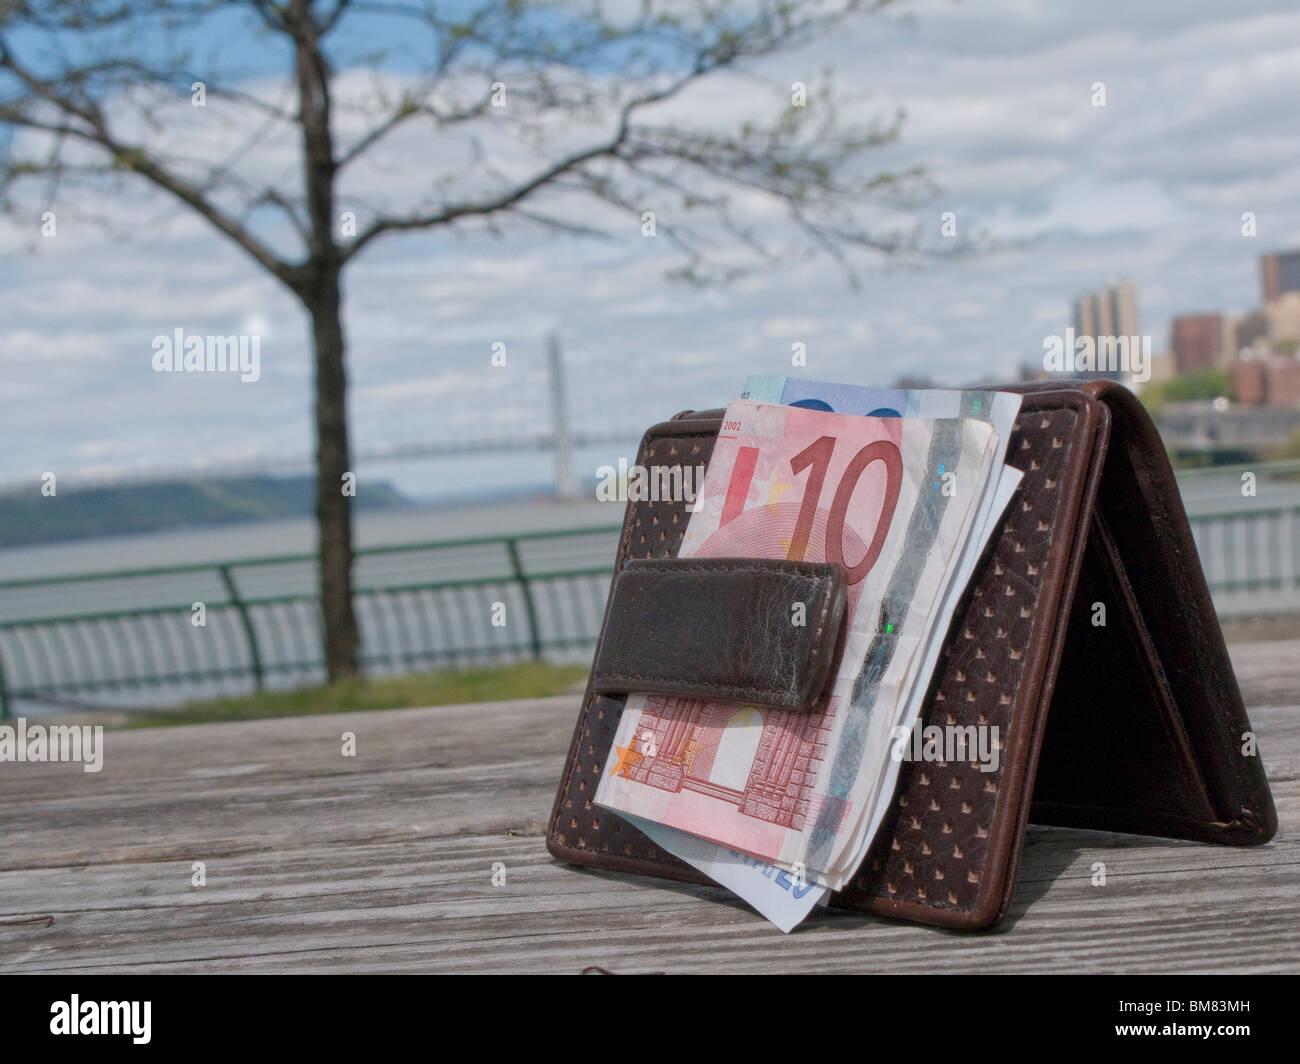 verlorene Brieftasche mit George Washington Bridge New York City im Hintergrund Stockbild